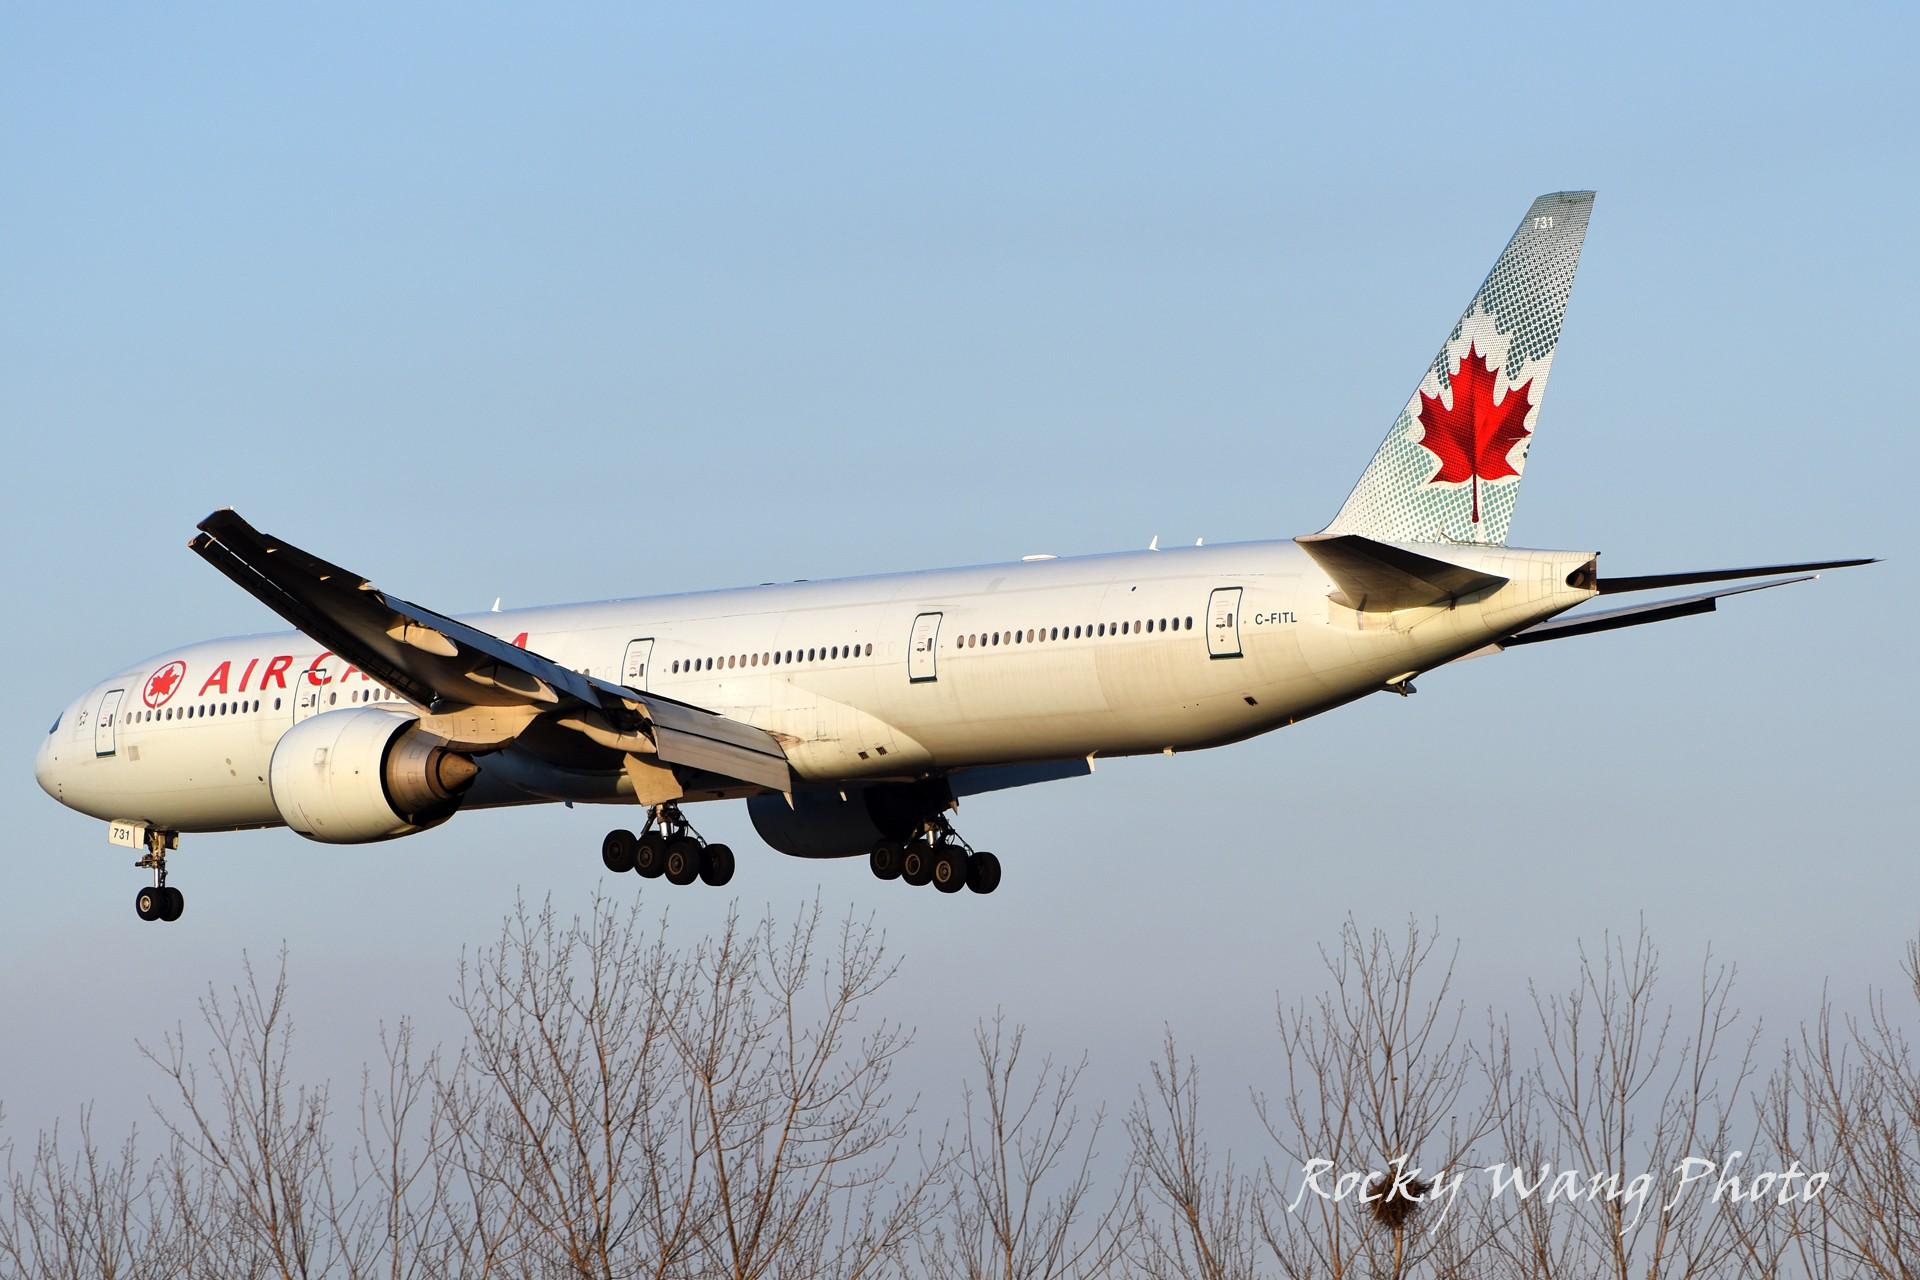 Re:[原创]杂图20张 BOEING 777-300ER C-FITL 中国北京首都国际机场